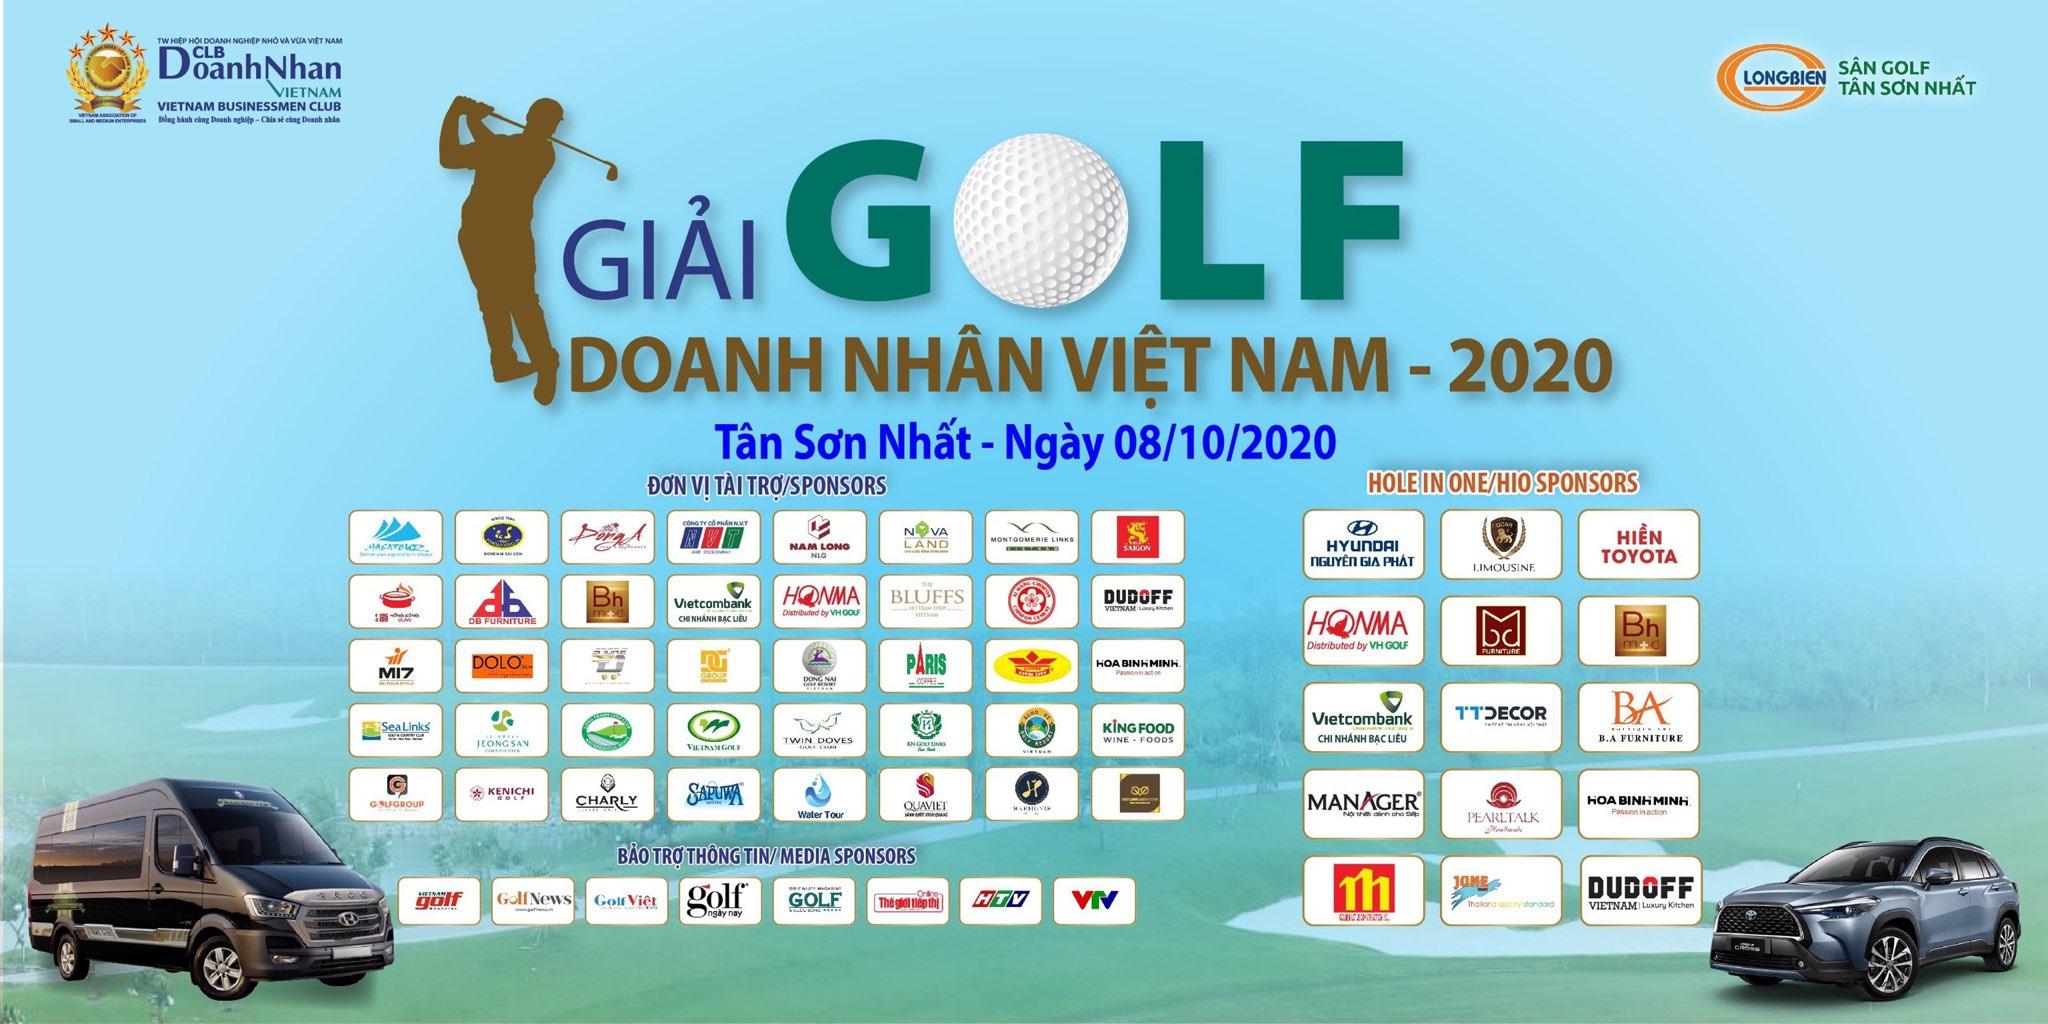 giai-dau-golf-doanh-nhan-viet-nam-da-dien-ra-thanh-cong-voi-gan-300-golfer-quy-tu-tham-gia-giai-golf